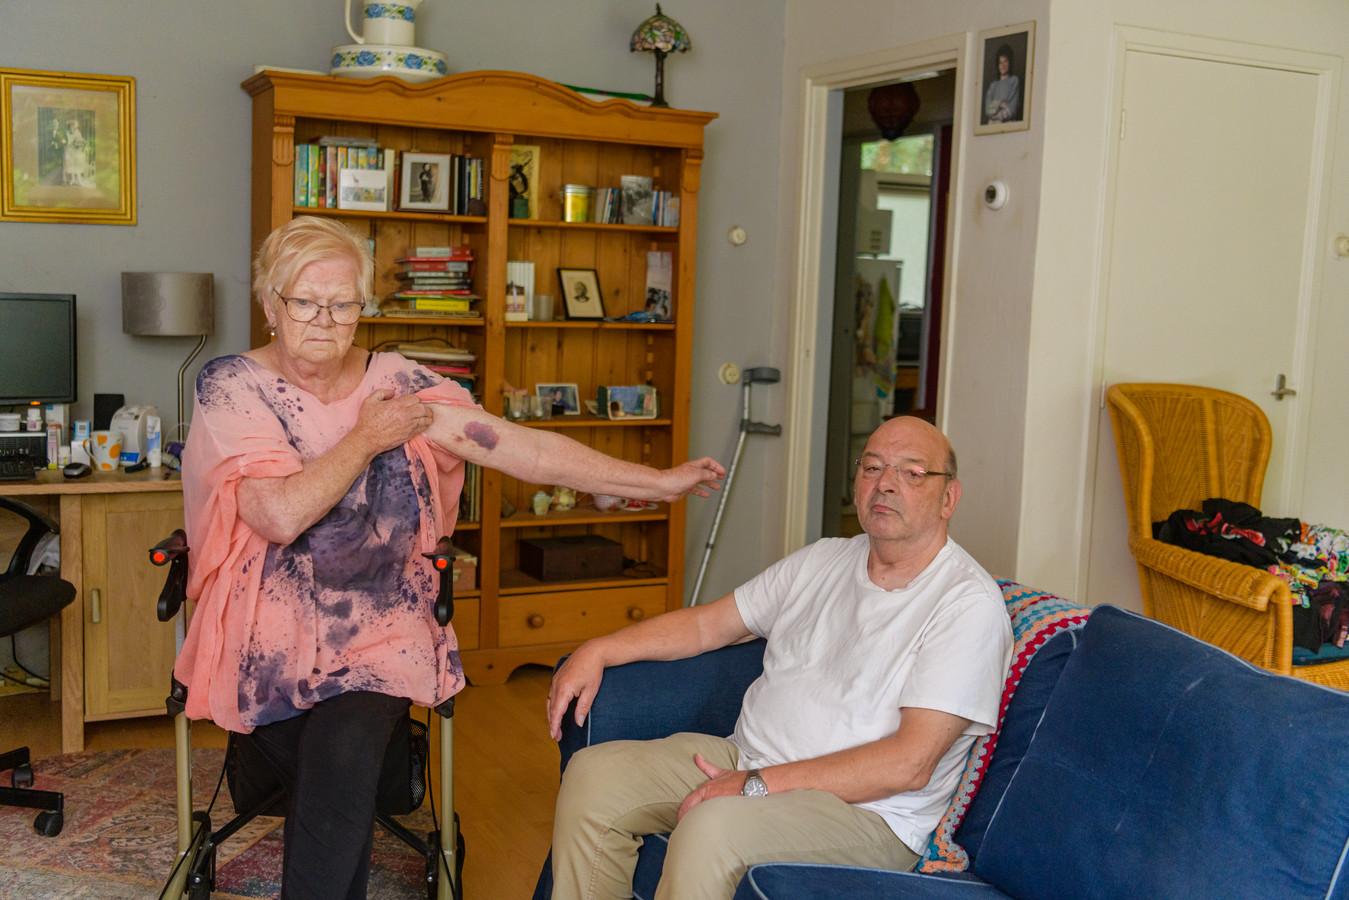 Cilia Akkermans (71)en haar man Albert (rechts) werden hardhandig met hulp van de politie uit het buurtcentrum Binnenbos gezet. Cilia Akkerman liep behalve blauwe plekken ook heupletsel op waarvoor ze in het ziekenhuis belandde.